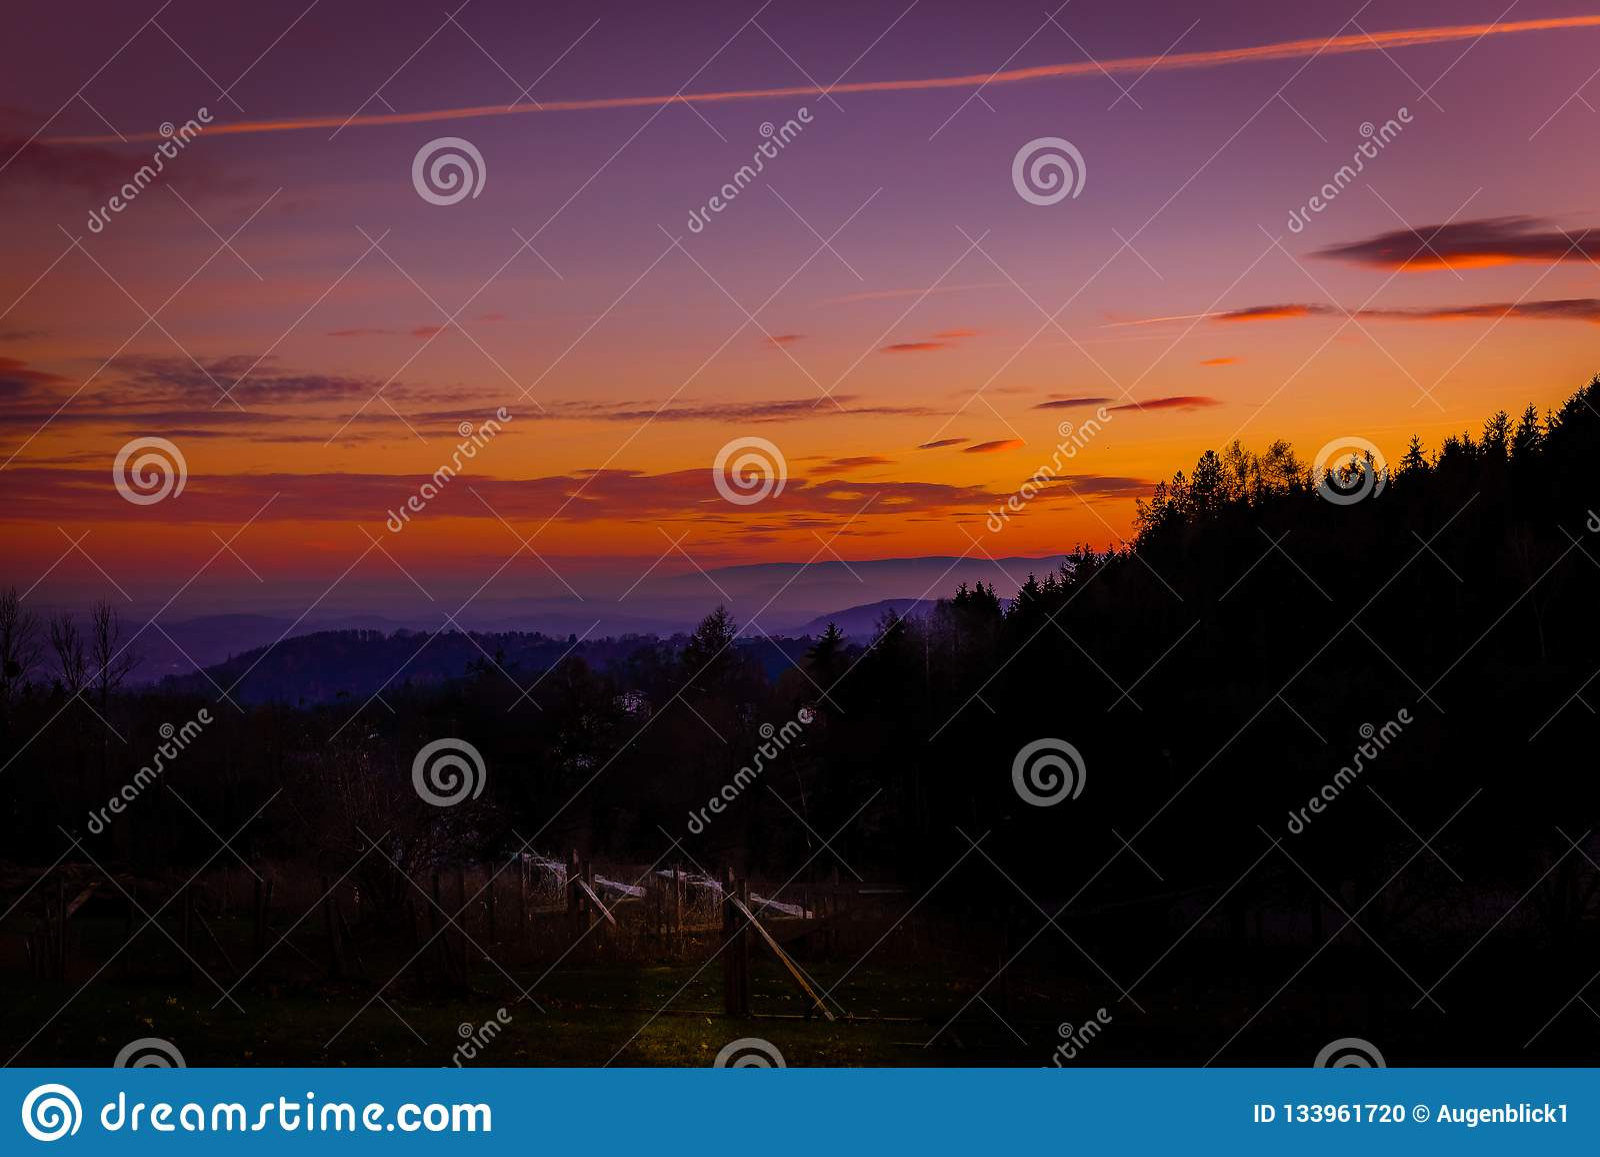 Bello e tramonto romantico nel paesaggio onirico della Stiria